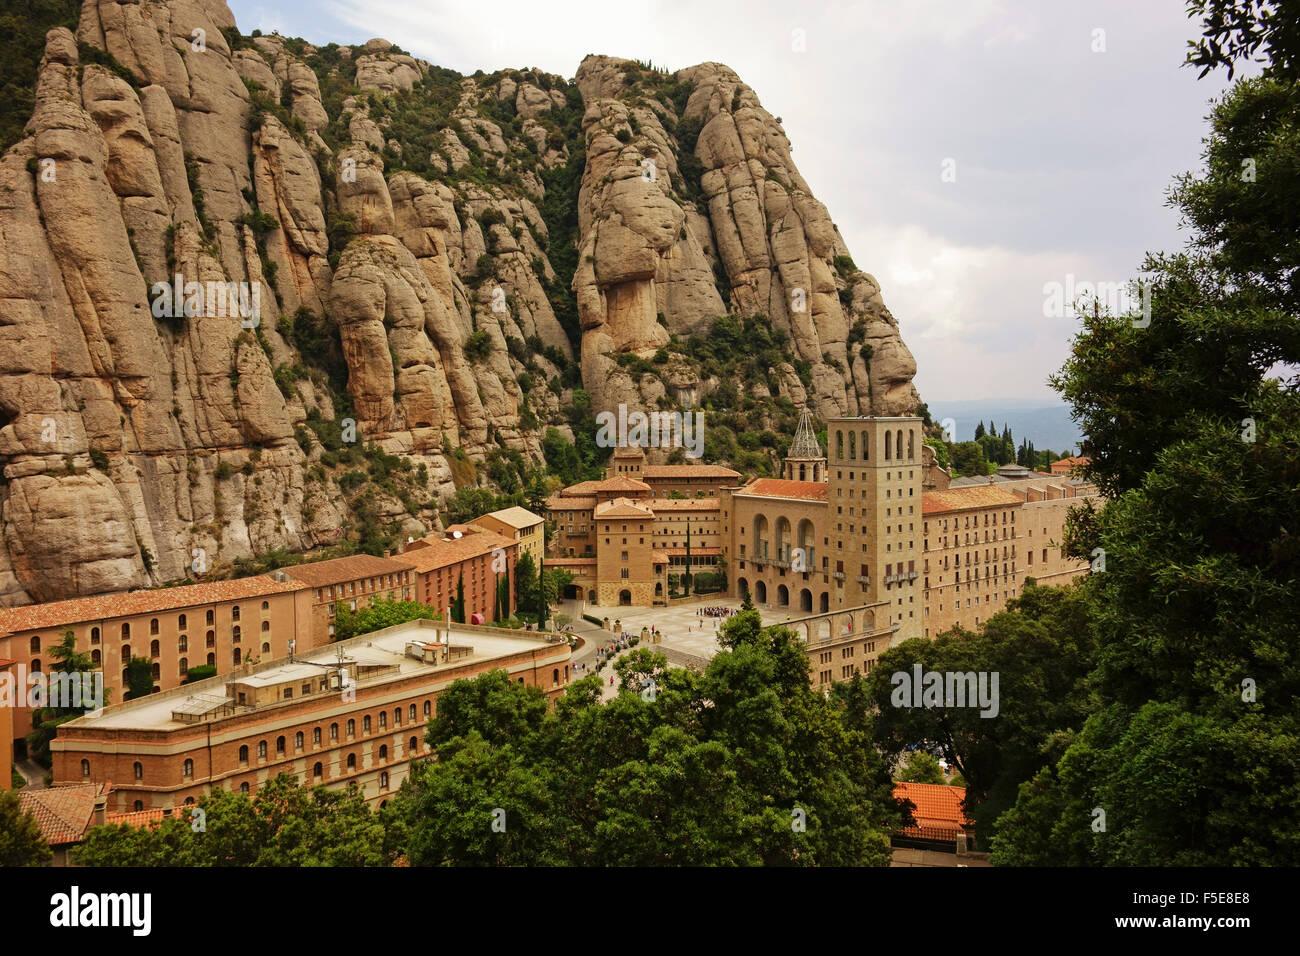 Kloster, Berg Montserrat, in der Nähe von Barcelona, Katalonien, Spanien, Europa Stockbild